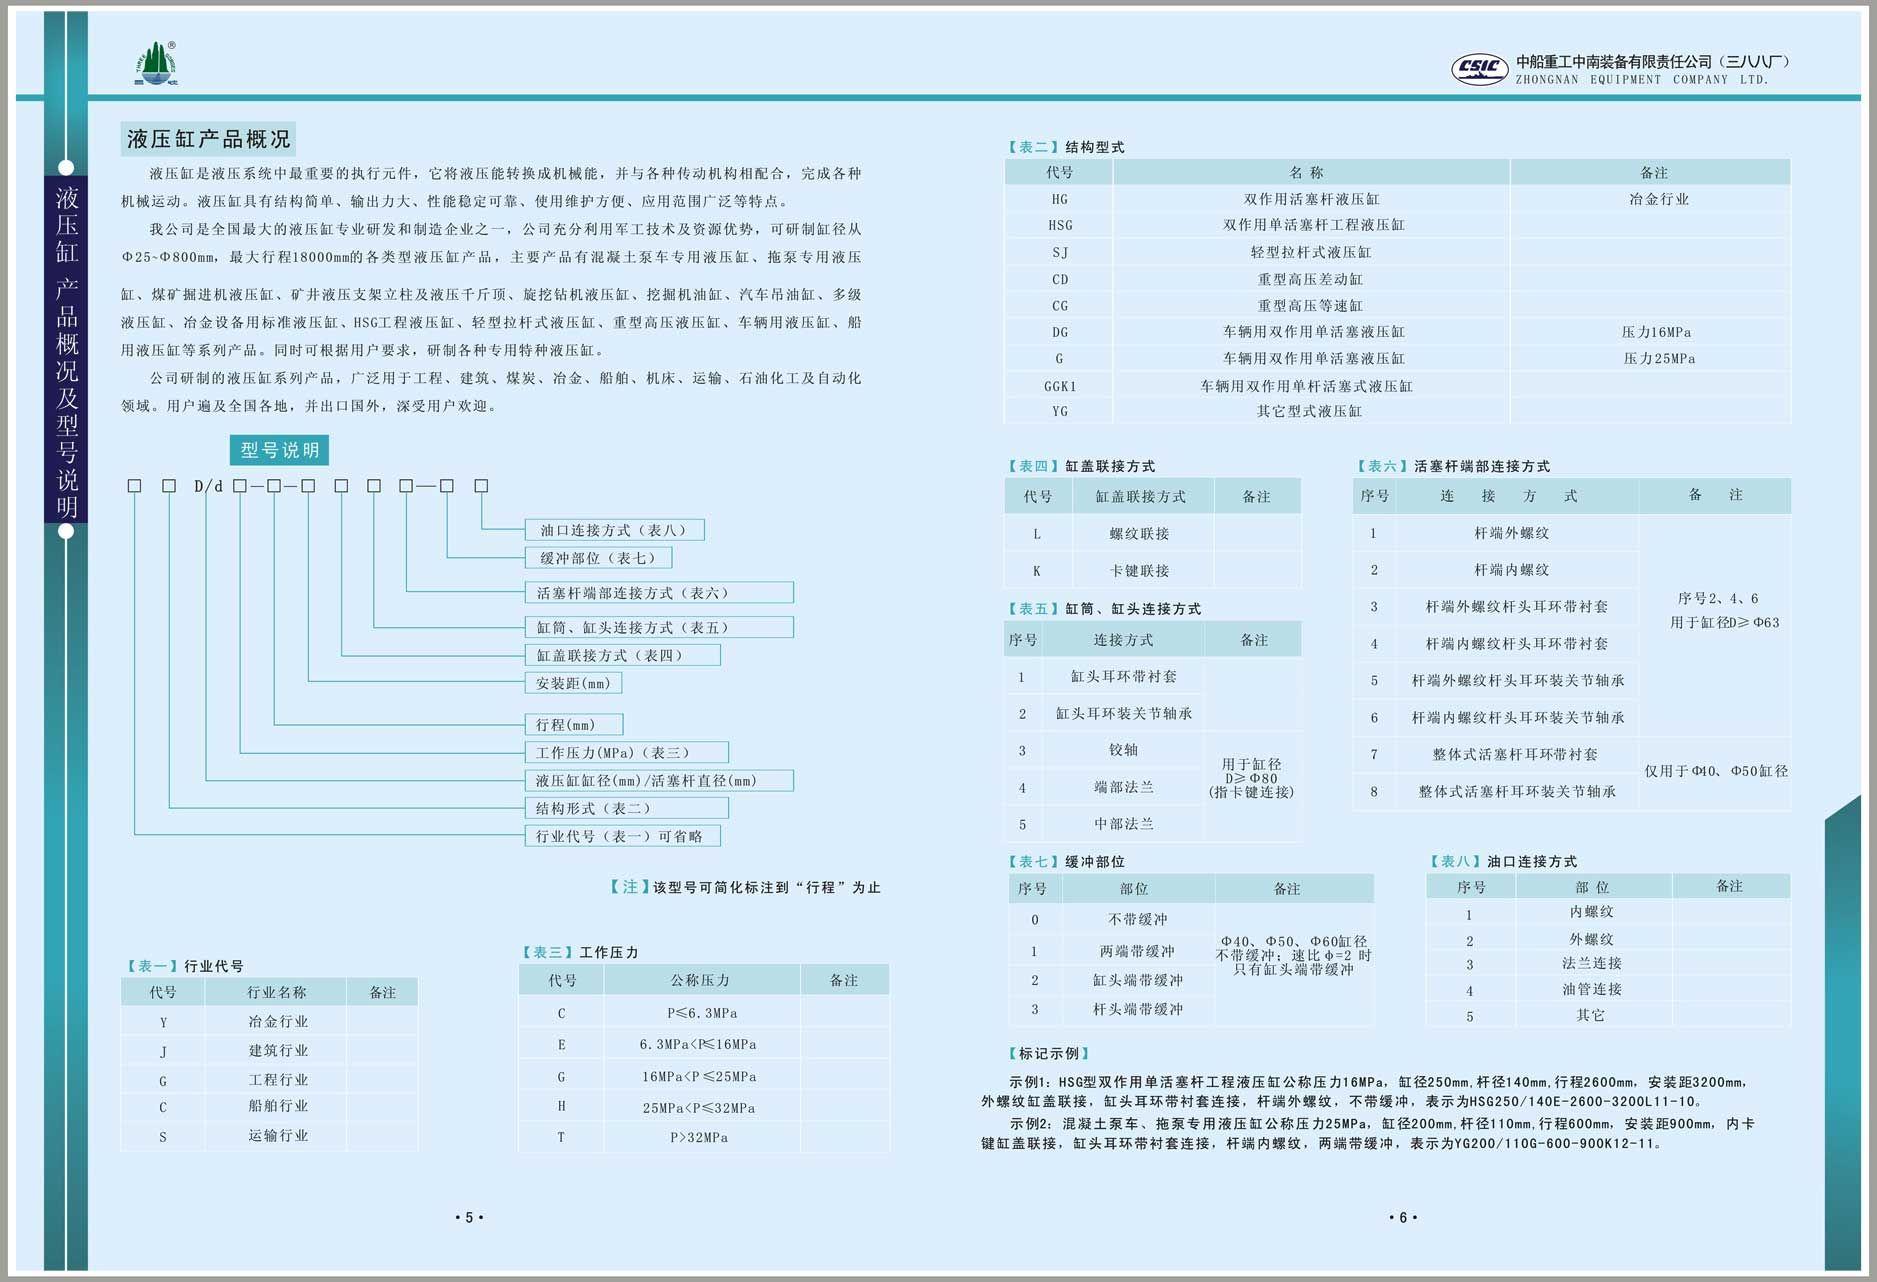 更新日期:2011-1-1 所 在 地:湖北 产品型号: 简单介绍:液压缸产品图片